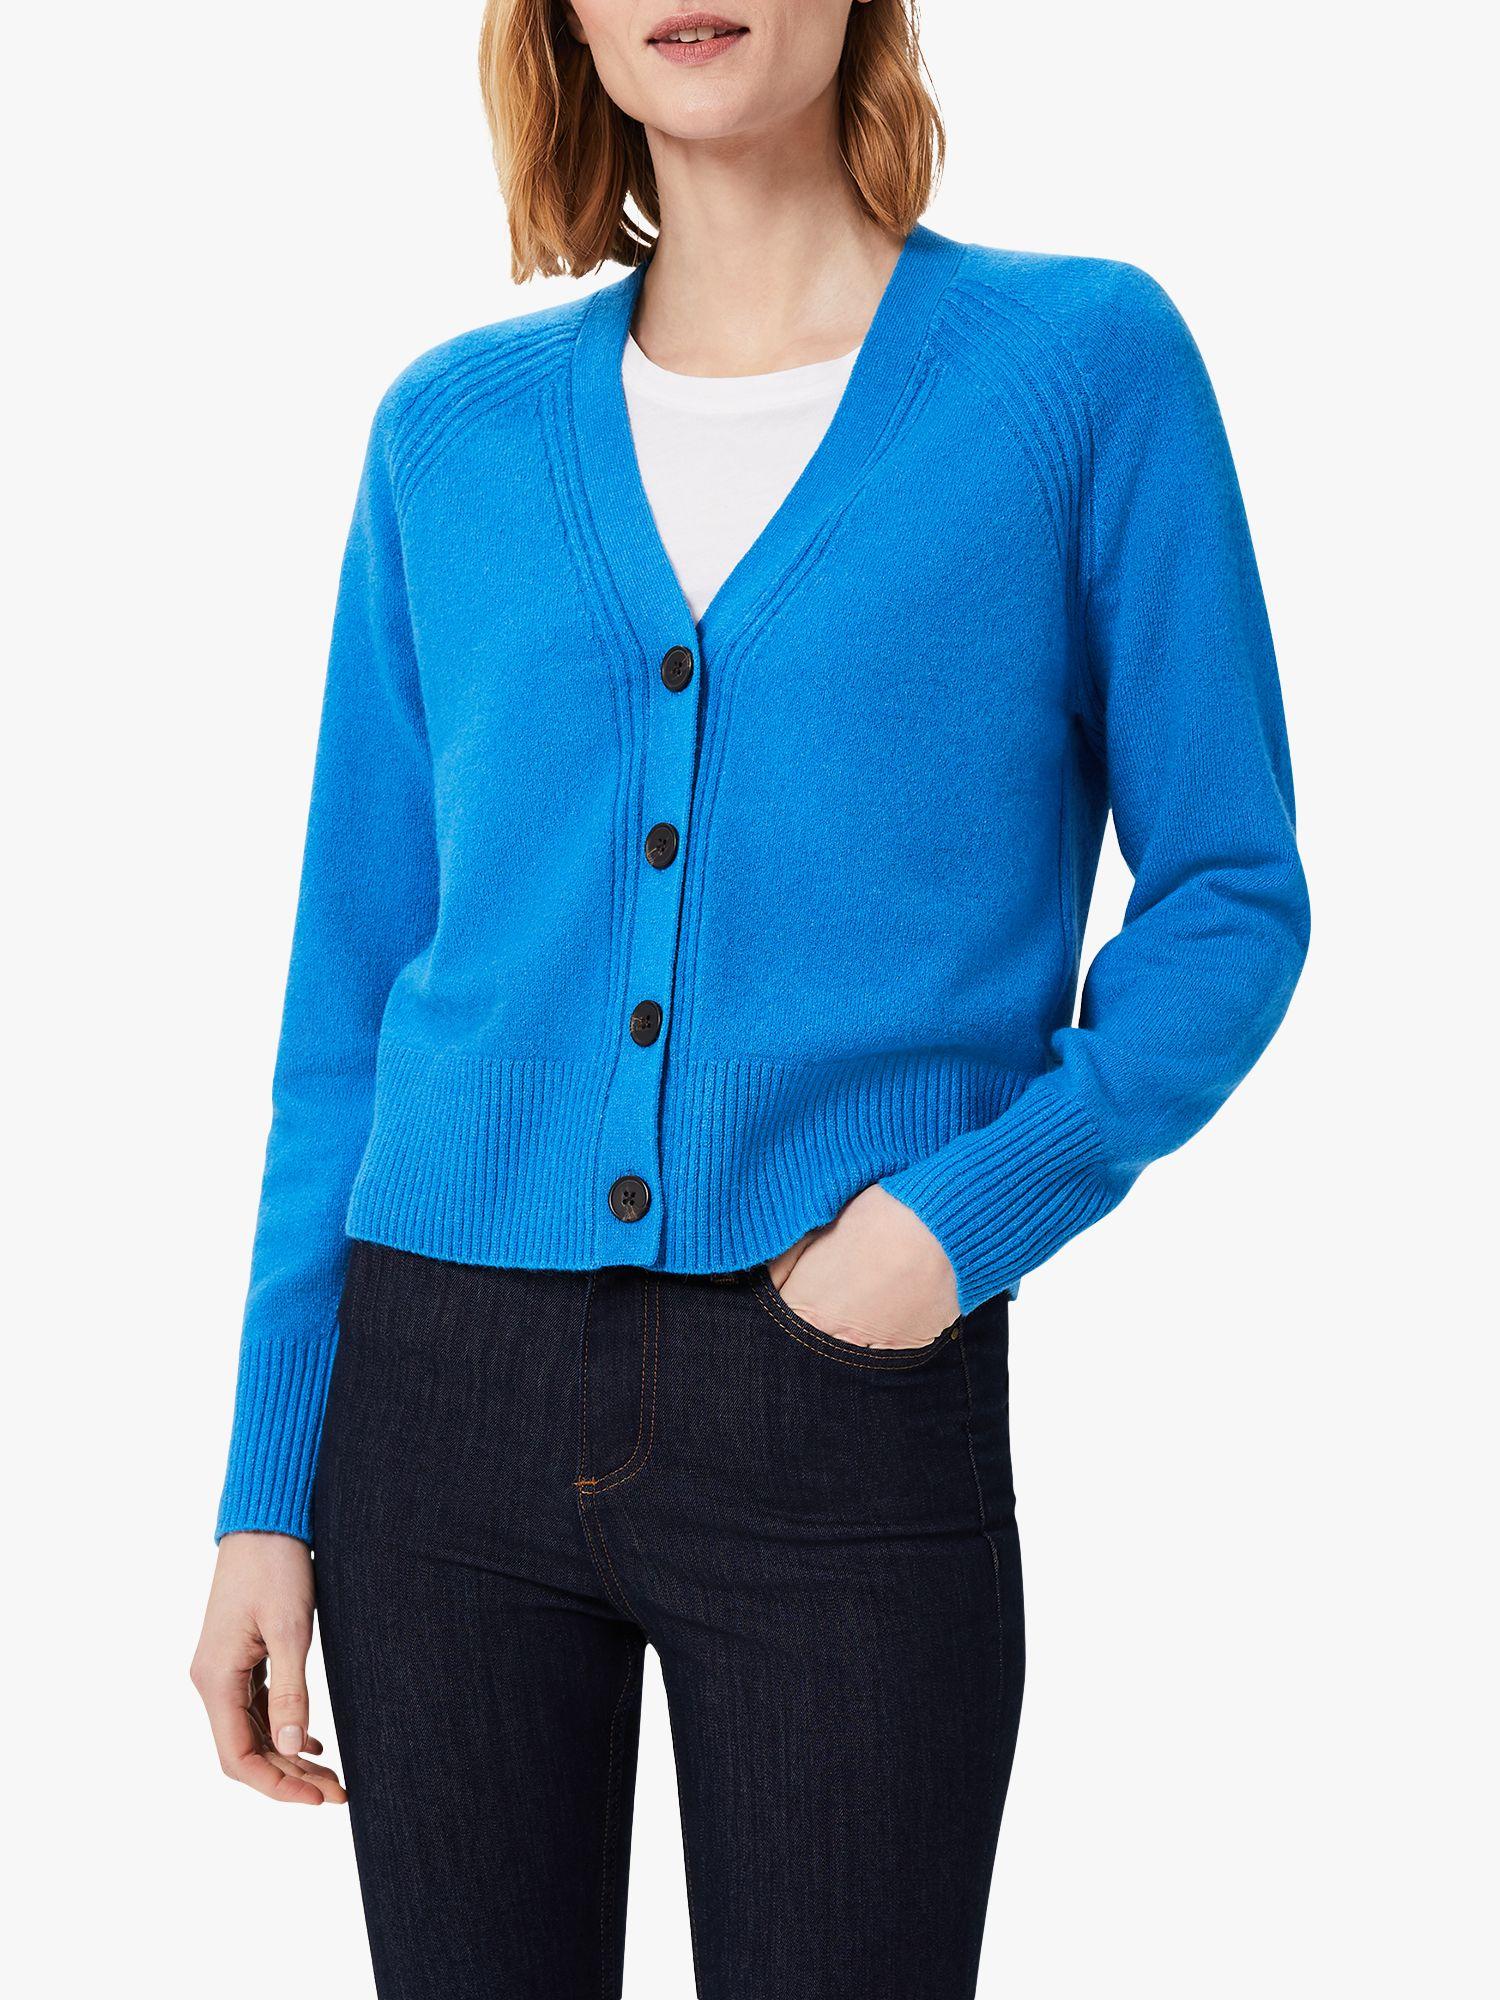 Cobalt blue V neck cardigan